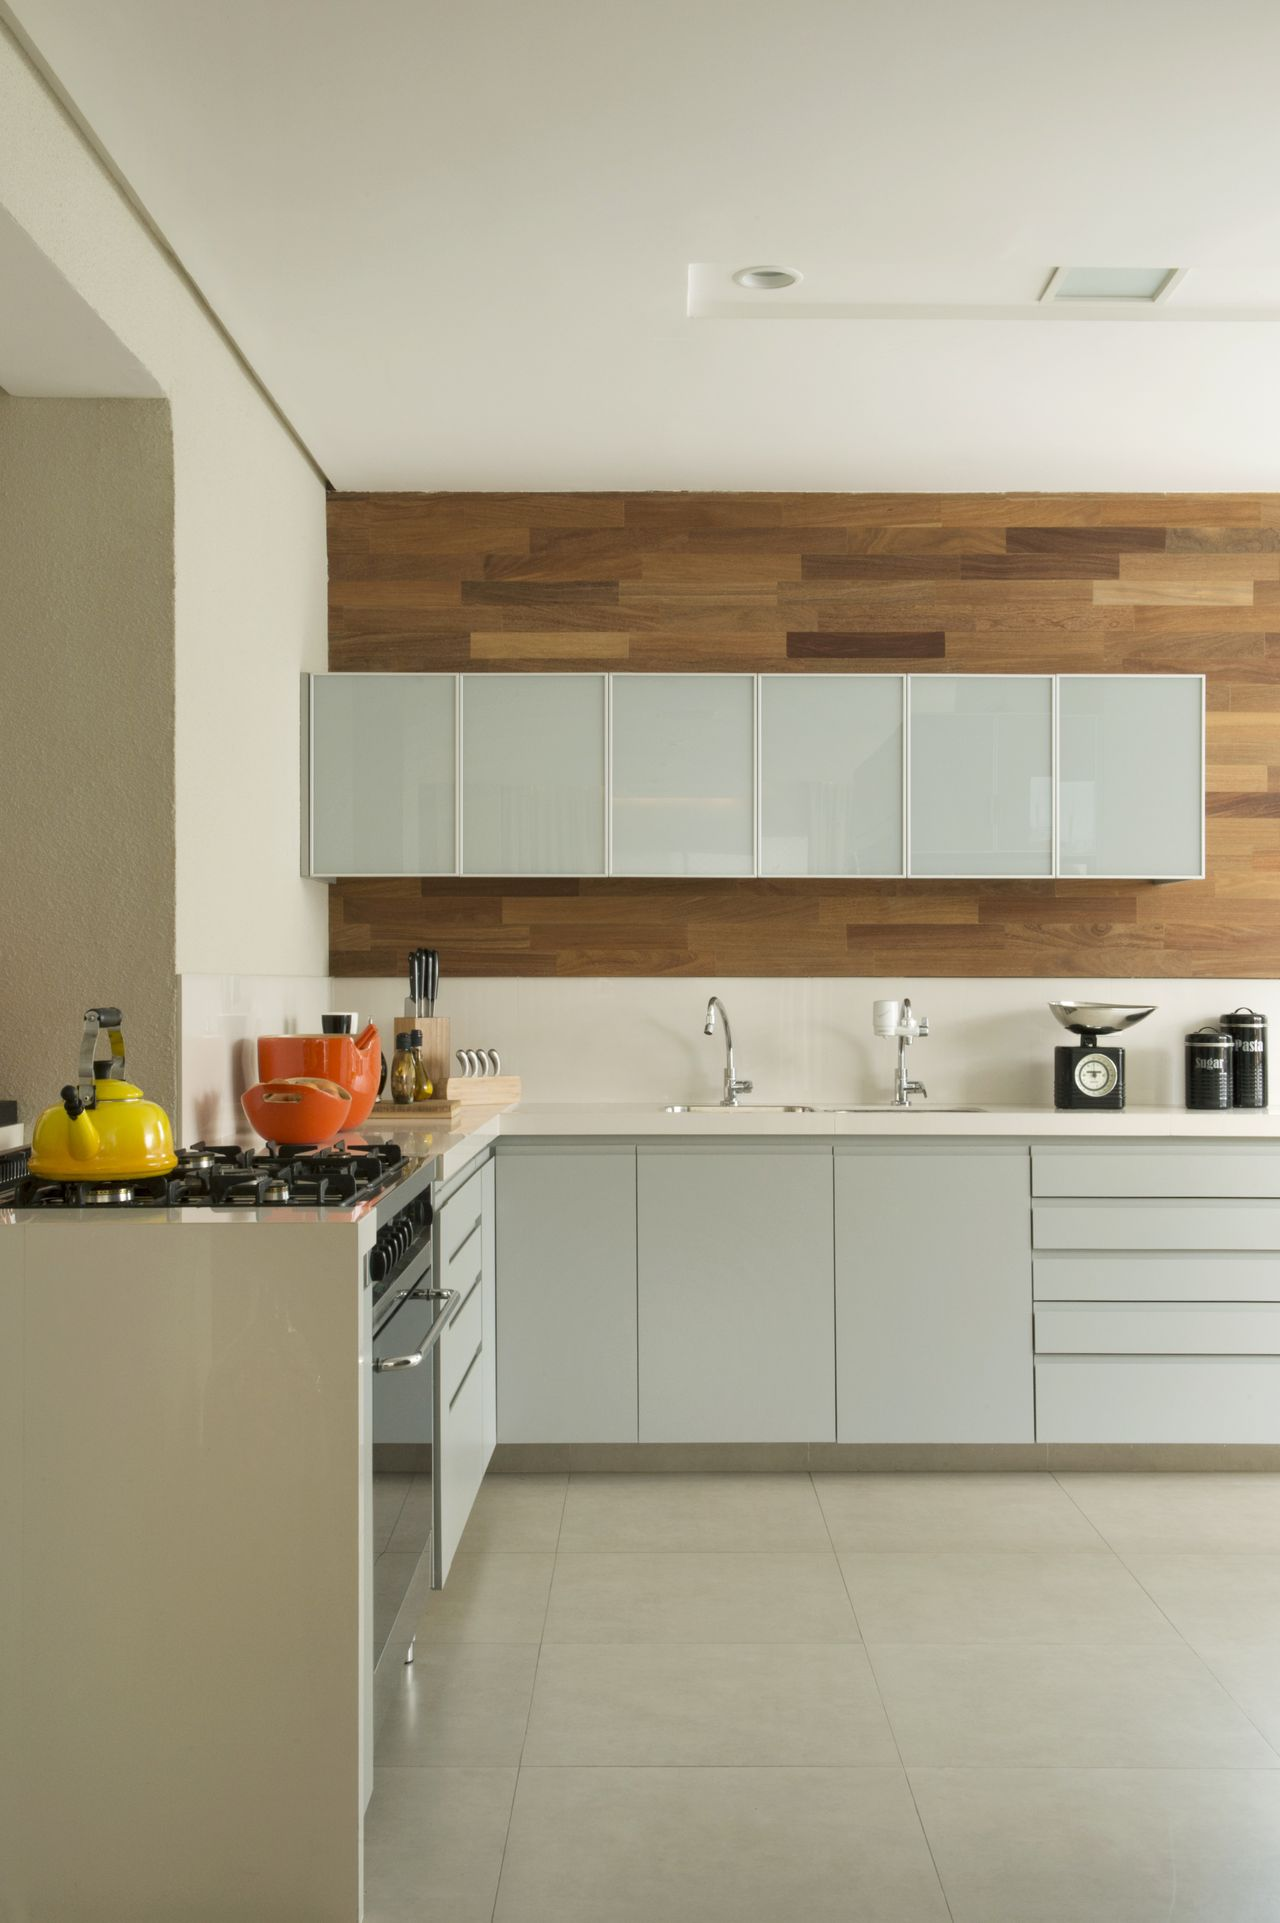 Cozinha Planejada Modernas Preo De Cozinha Planejada Em Pirituba